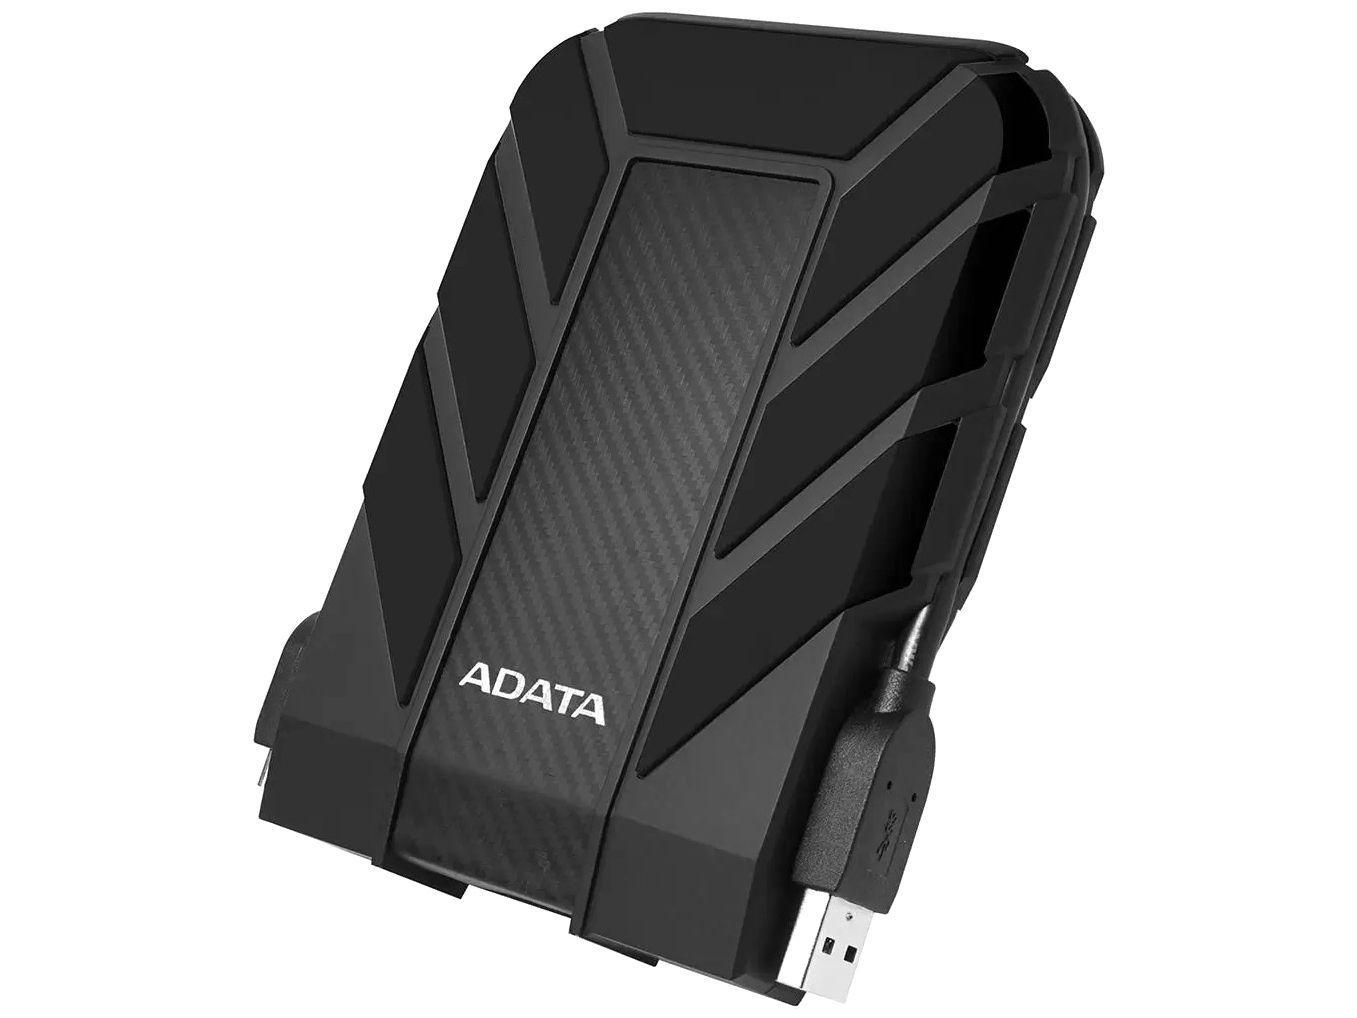 HD Externo 2TB Adata À Prova dágua - AHD710P-2TU31-CBK USB 3.1